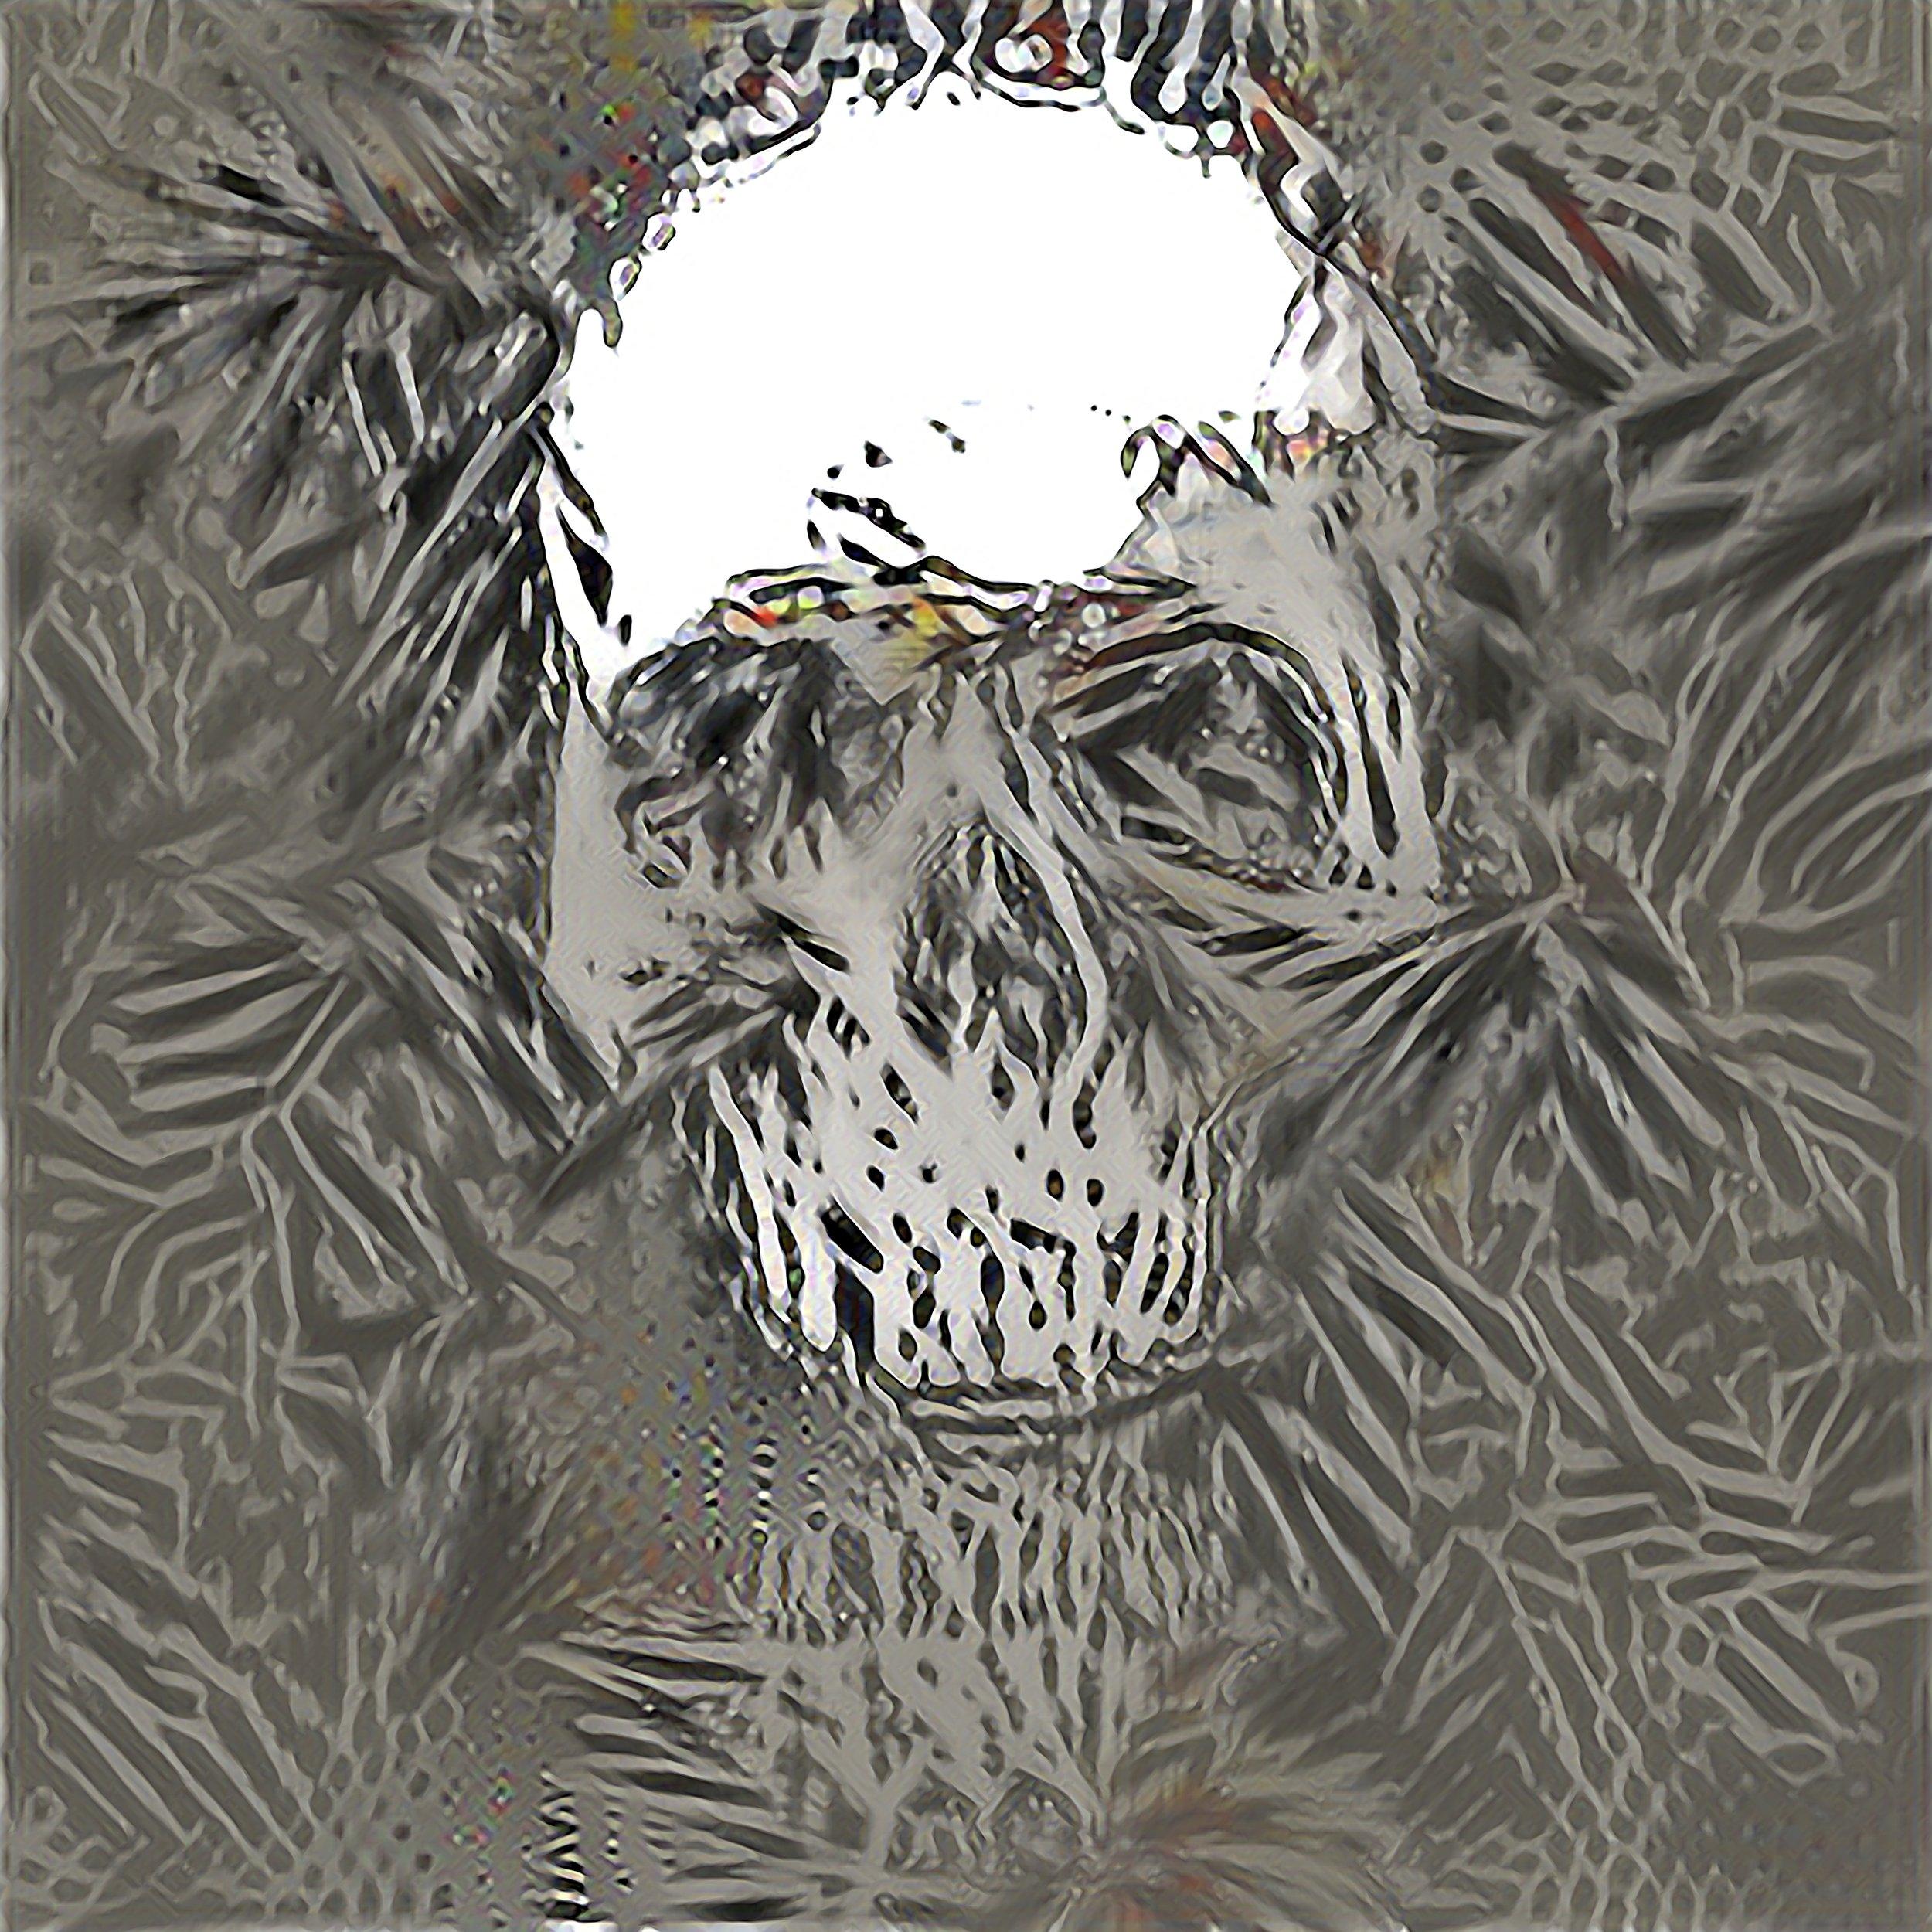 Spirit Garden Skull 06 Optimized-Exposure-Newskullrise.jpg